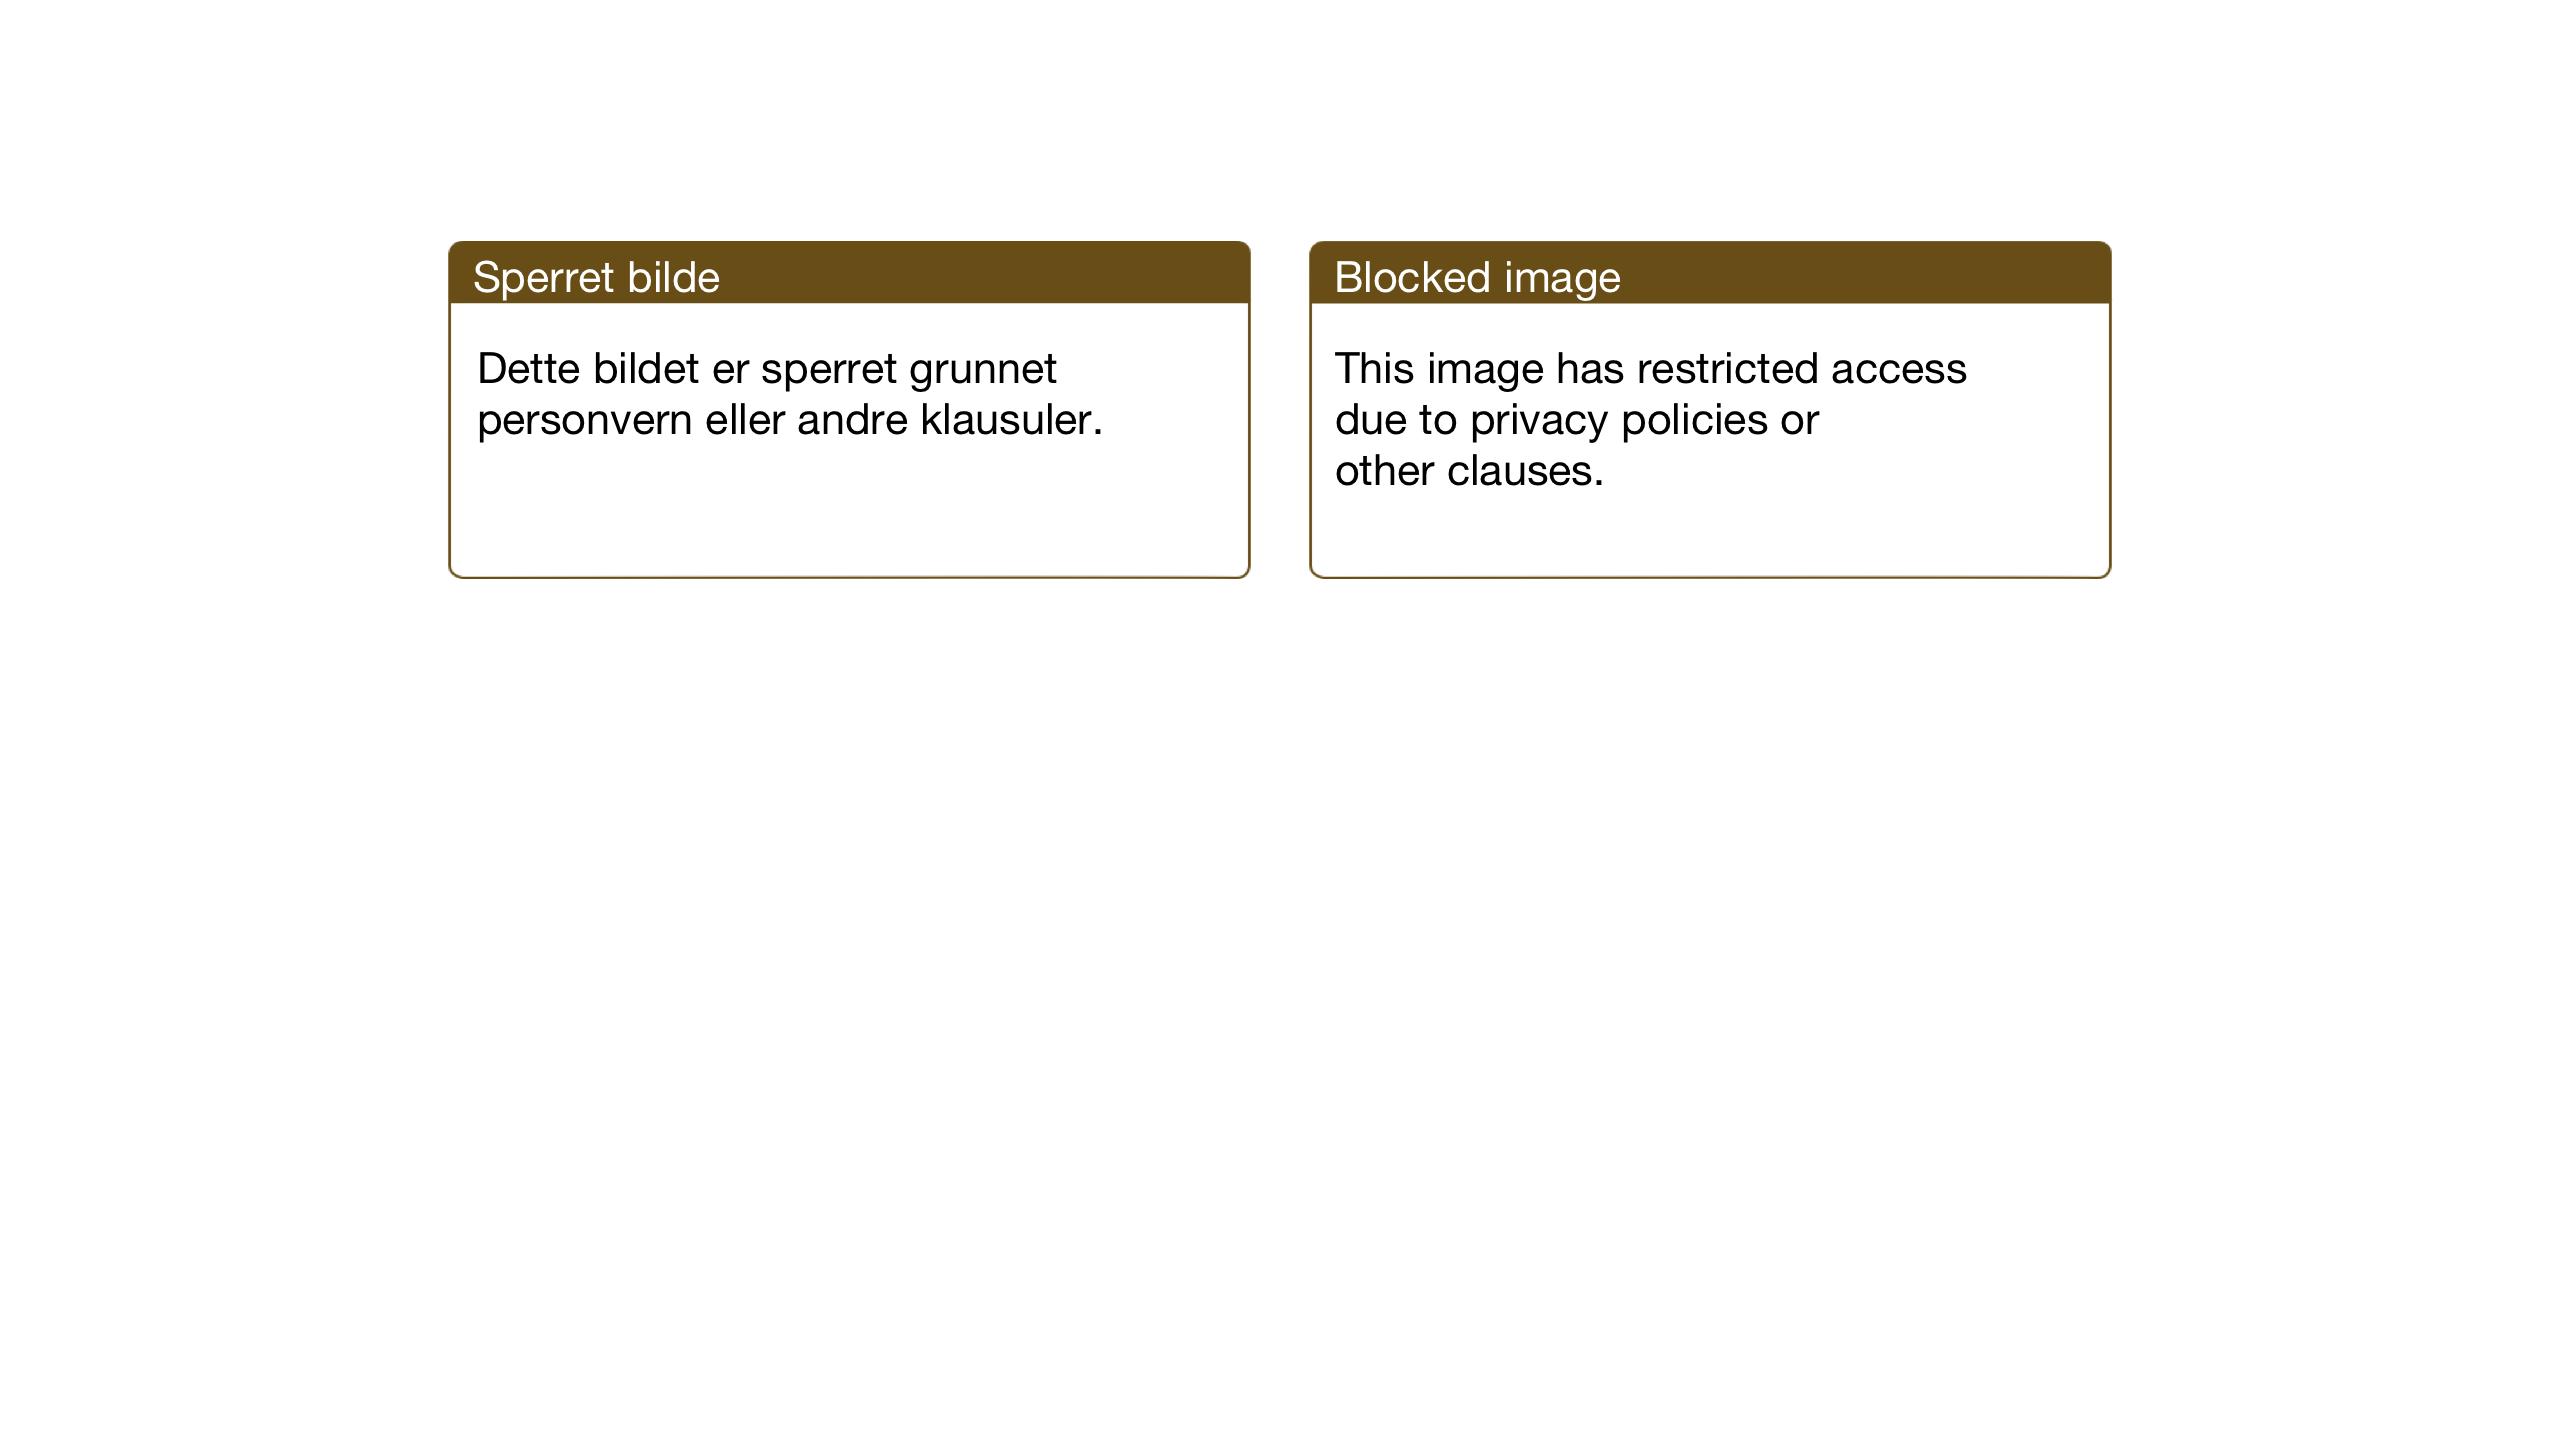 SAT, Ministerialprotokoller, klokkerbøker og fødselsregistre - Sør-Trøndelag, 693/L1124: Klokkerbok nr. 693C05, 1911-1941, s. 67